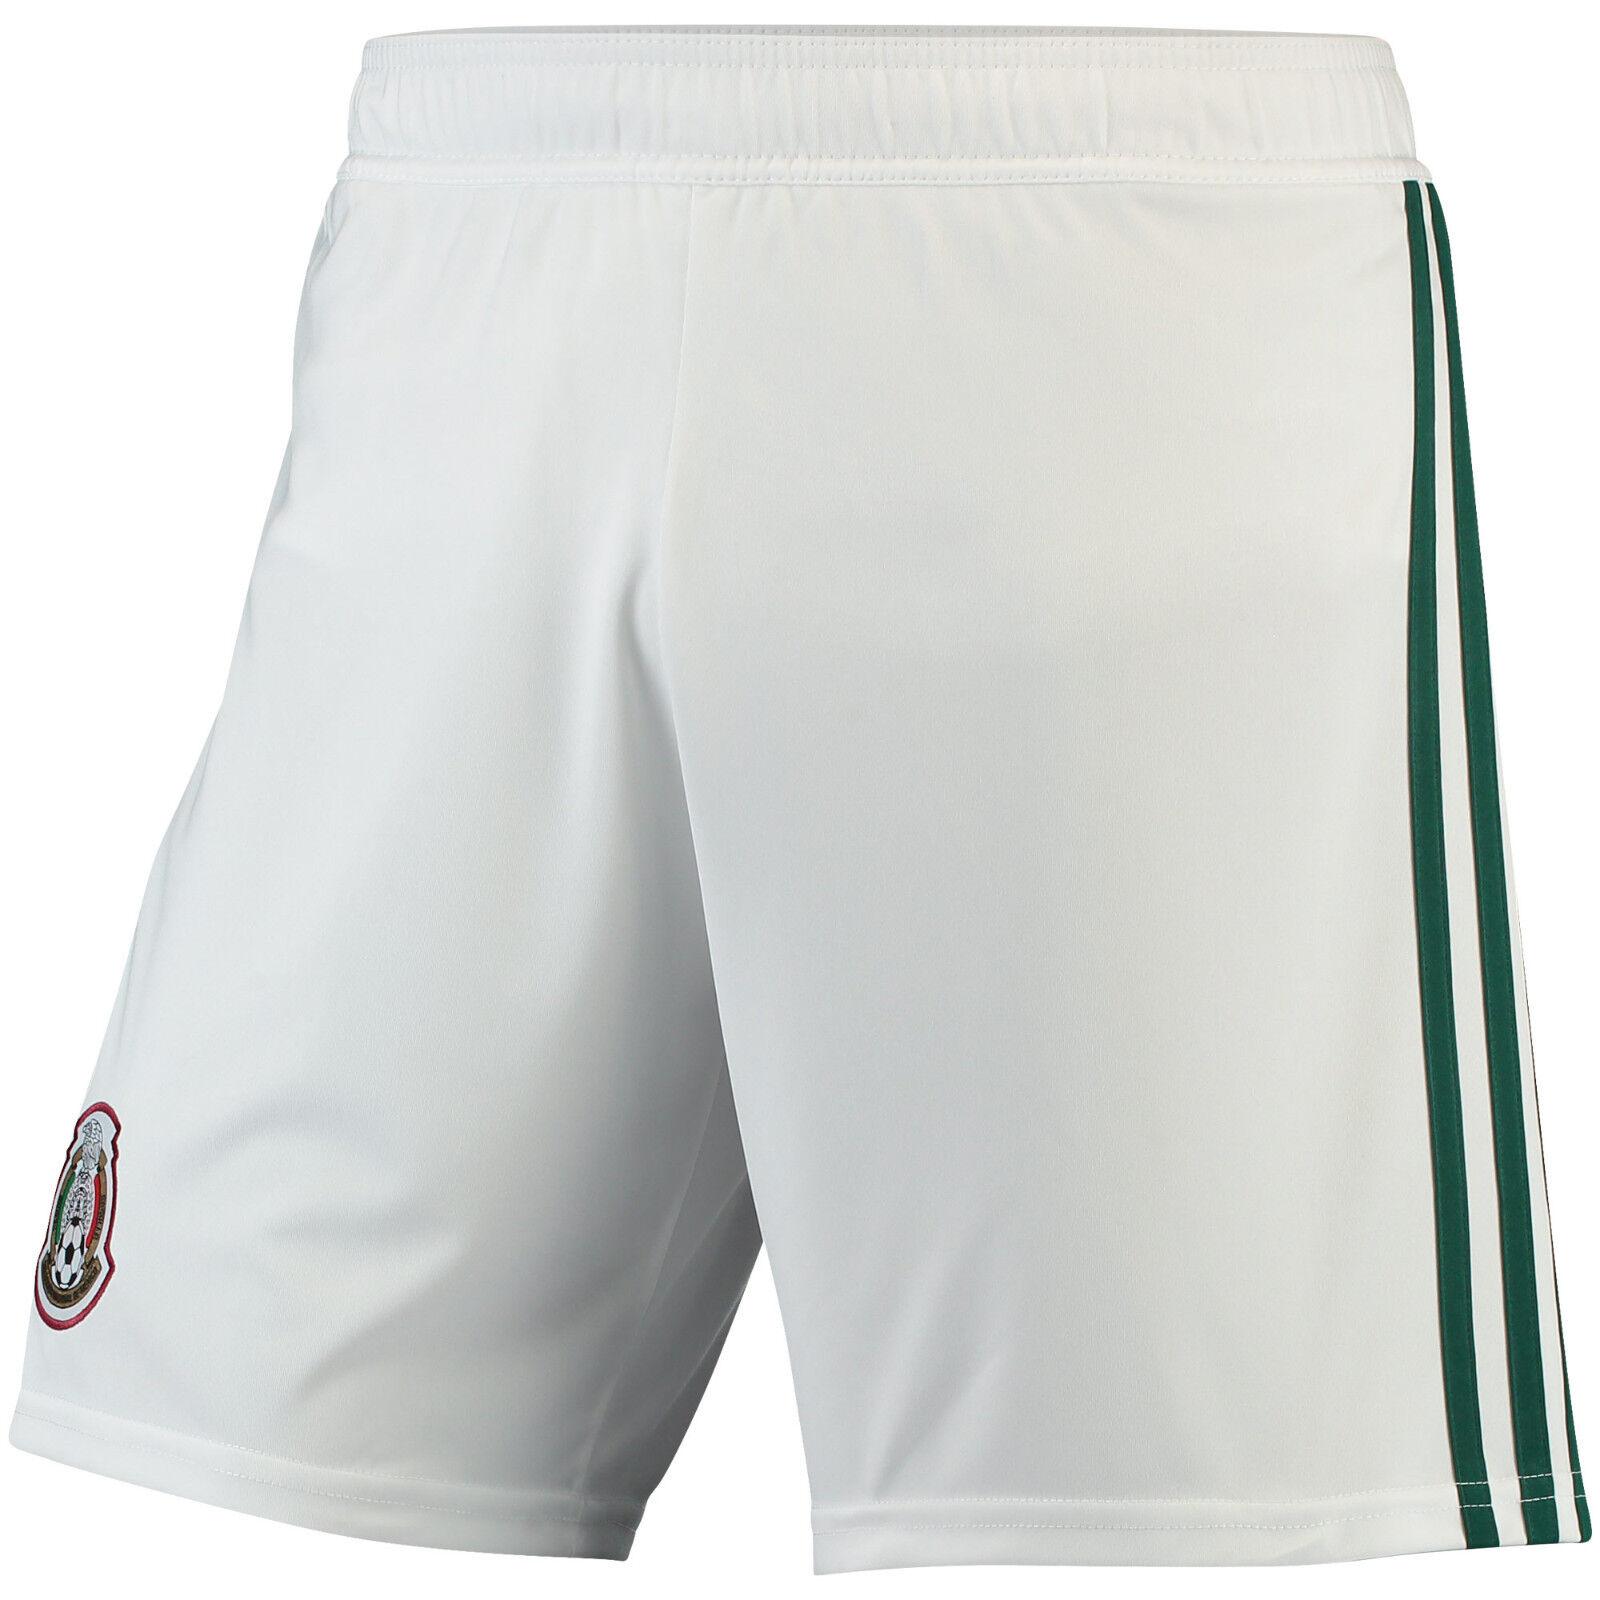 Short de soccer adidas Mexico World Cup 2018 pour le football à domicile blanc / vert neuf